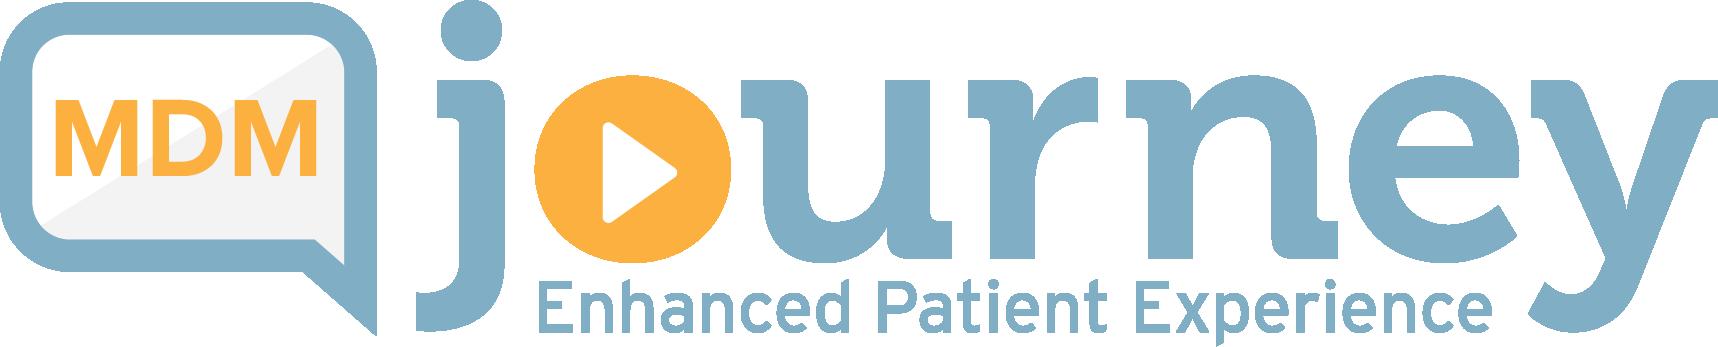 MDM_Journey_Logo_Color